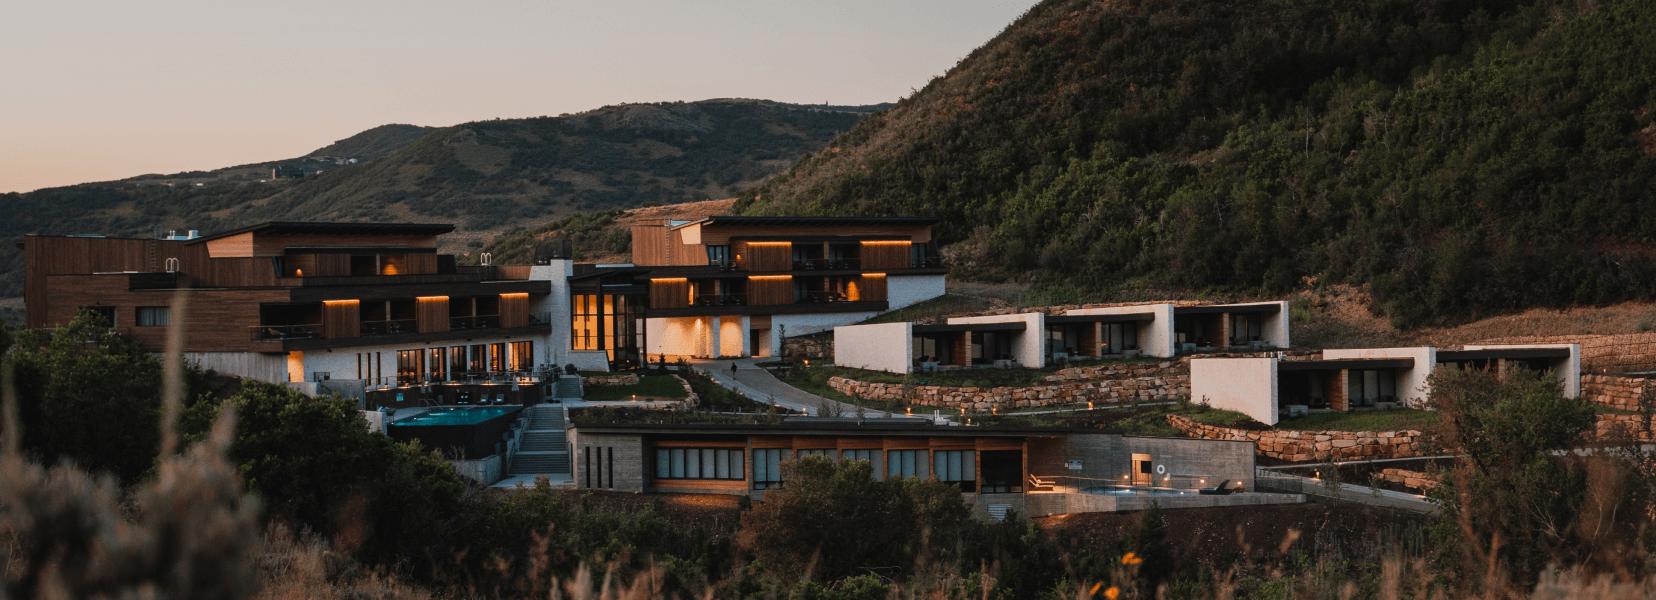 The Lodge At Blue Sky Resort Hero